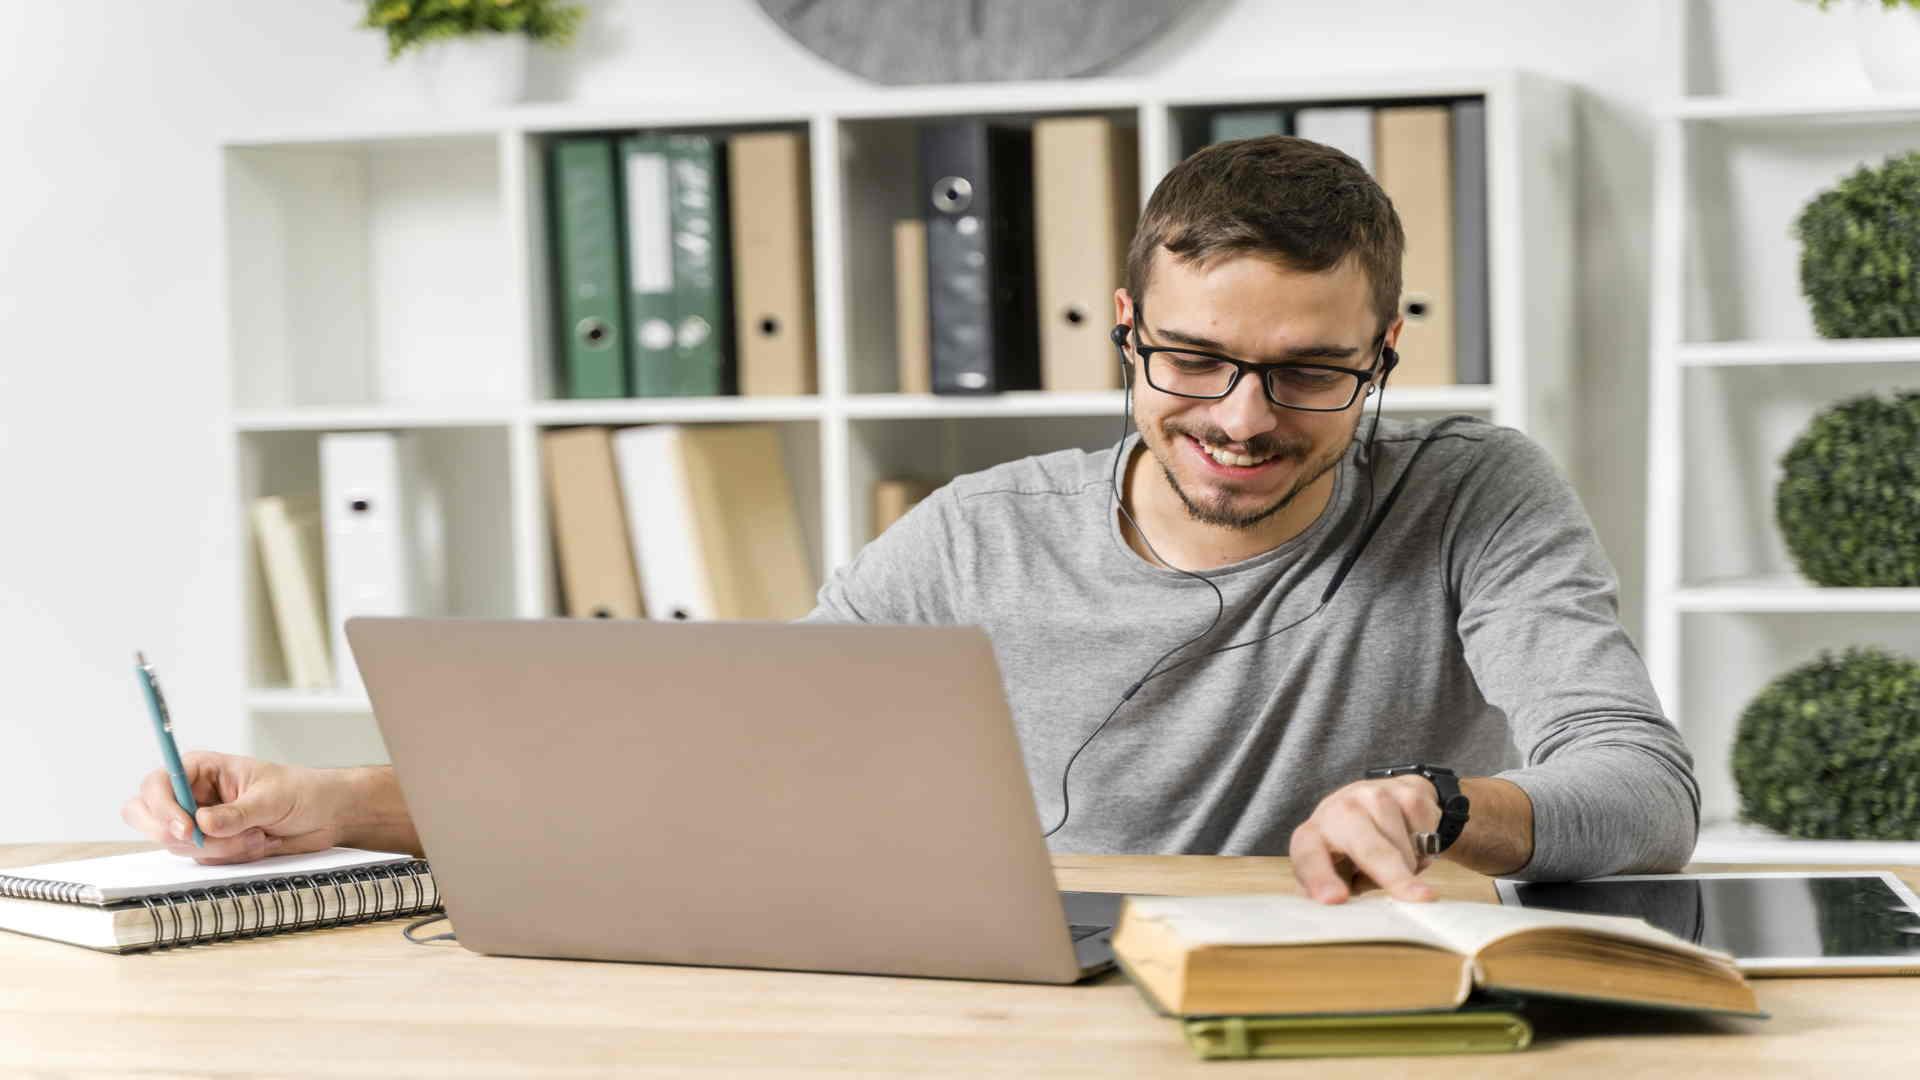 מדוע מרצים דורשים בהגשת עותק עבודה למייל